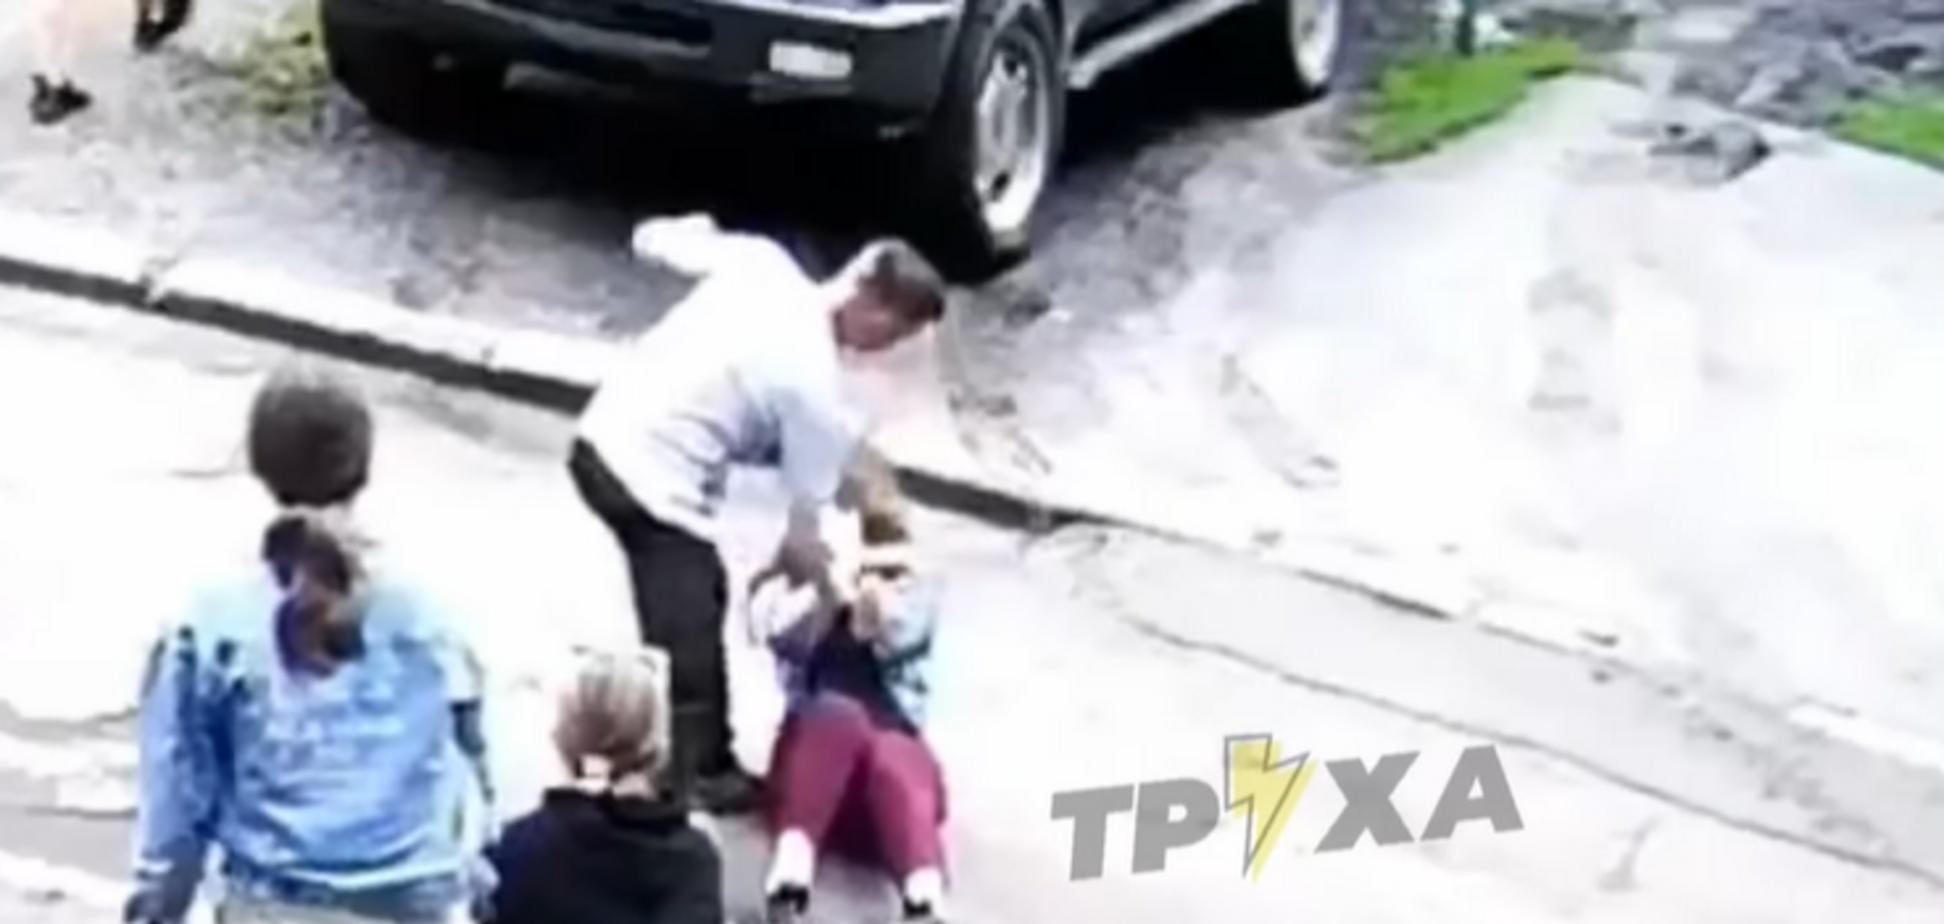 В Харькове 16-летний подросток жестоко избивал сверстниц: видео с камер попало в полицию